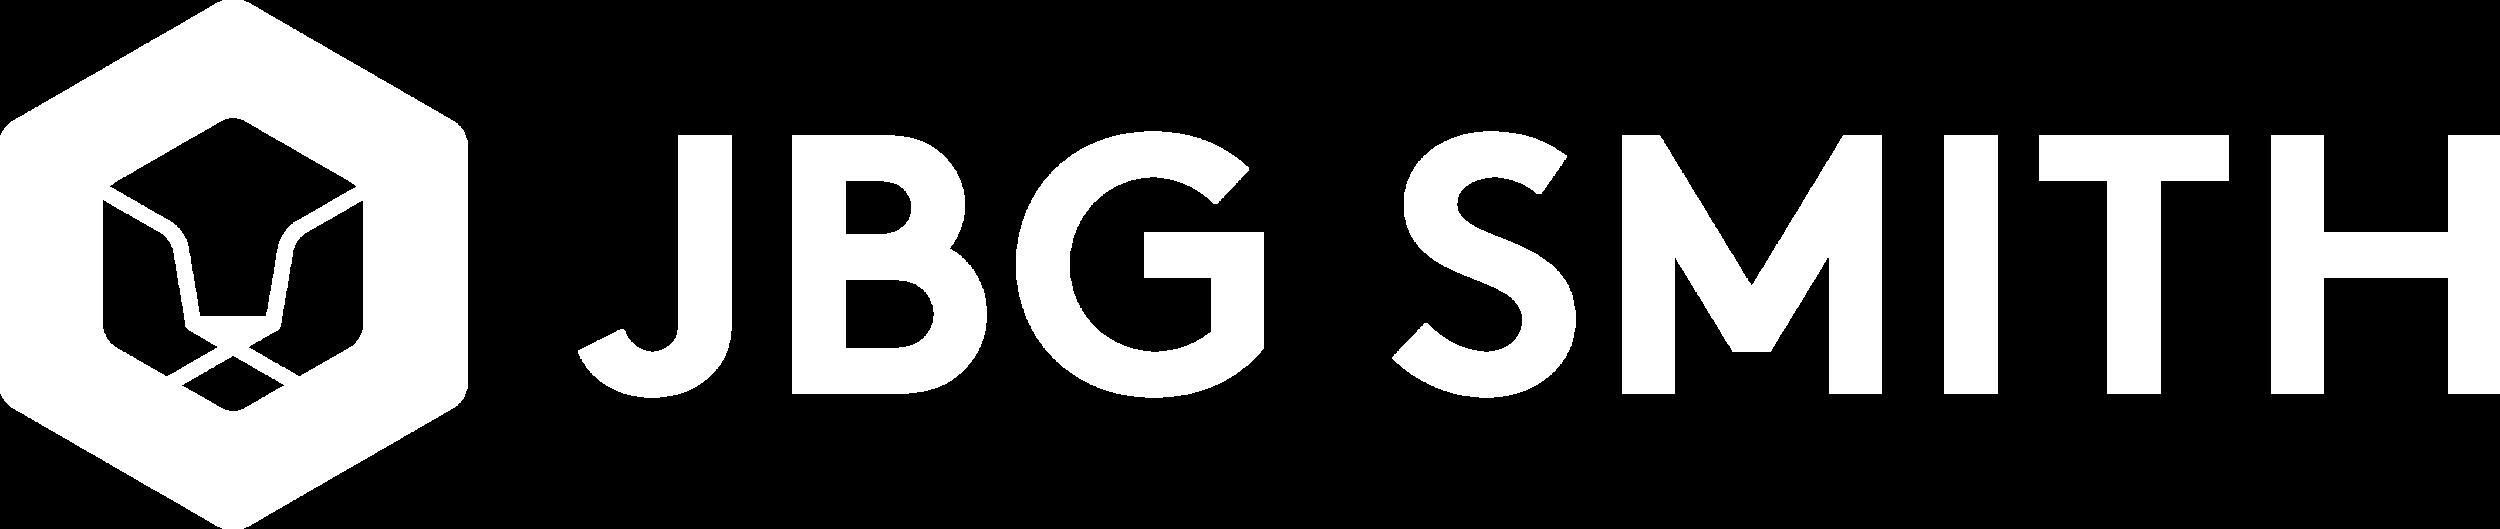 Logo_Horizontal_white-01.png